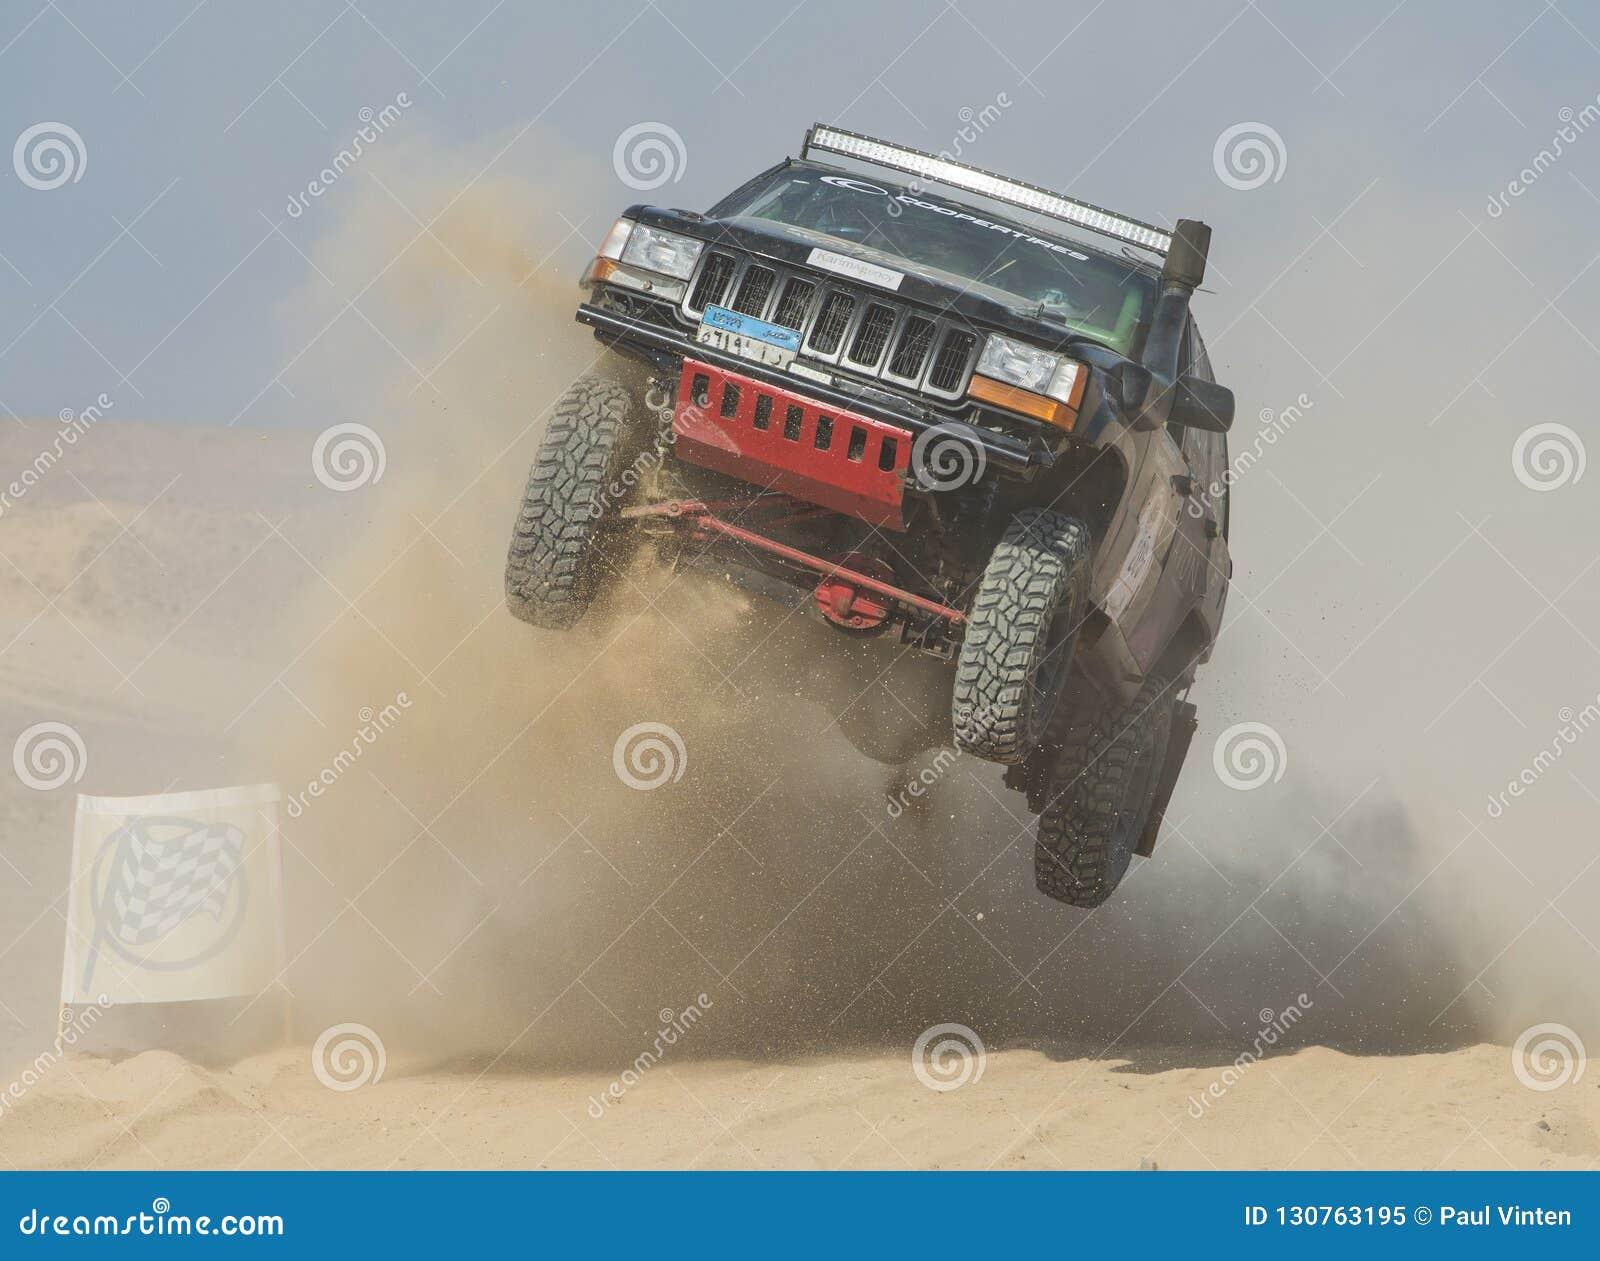 El camión campo a través que compite en los deportes extremos abandona la reunión